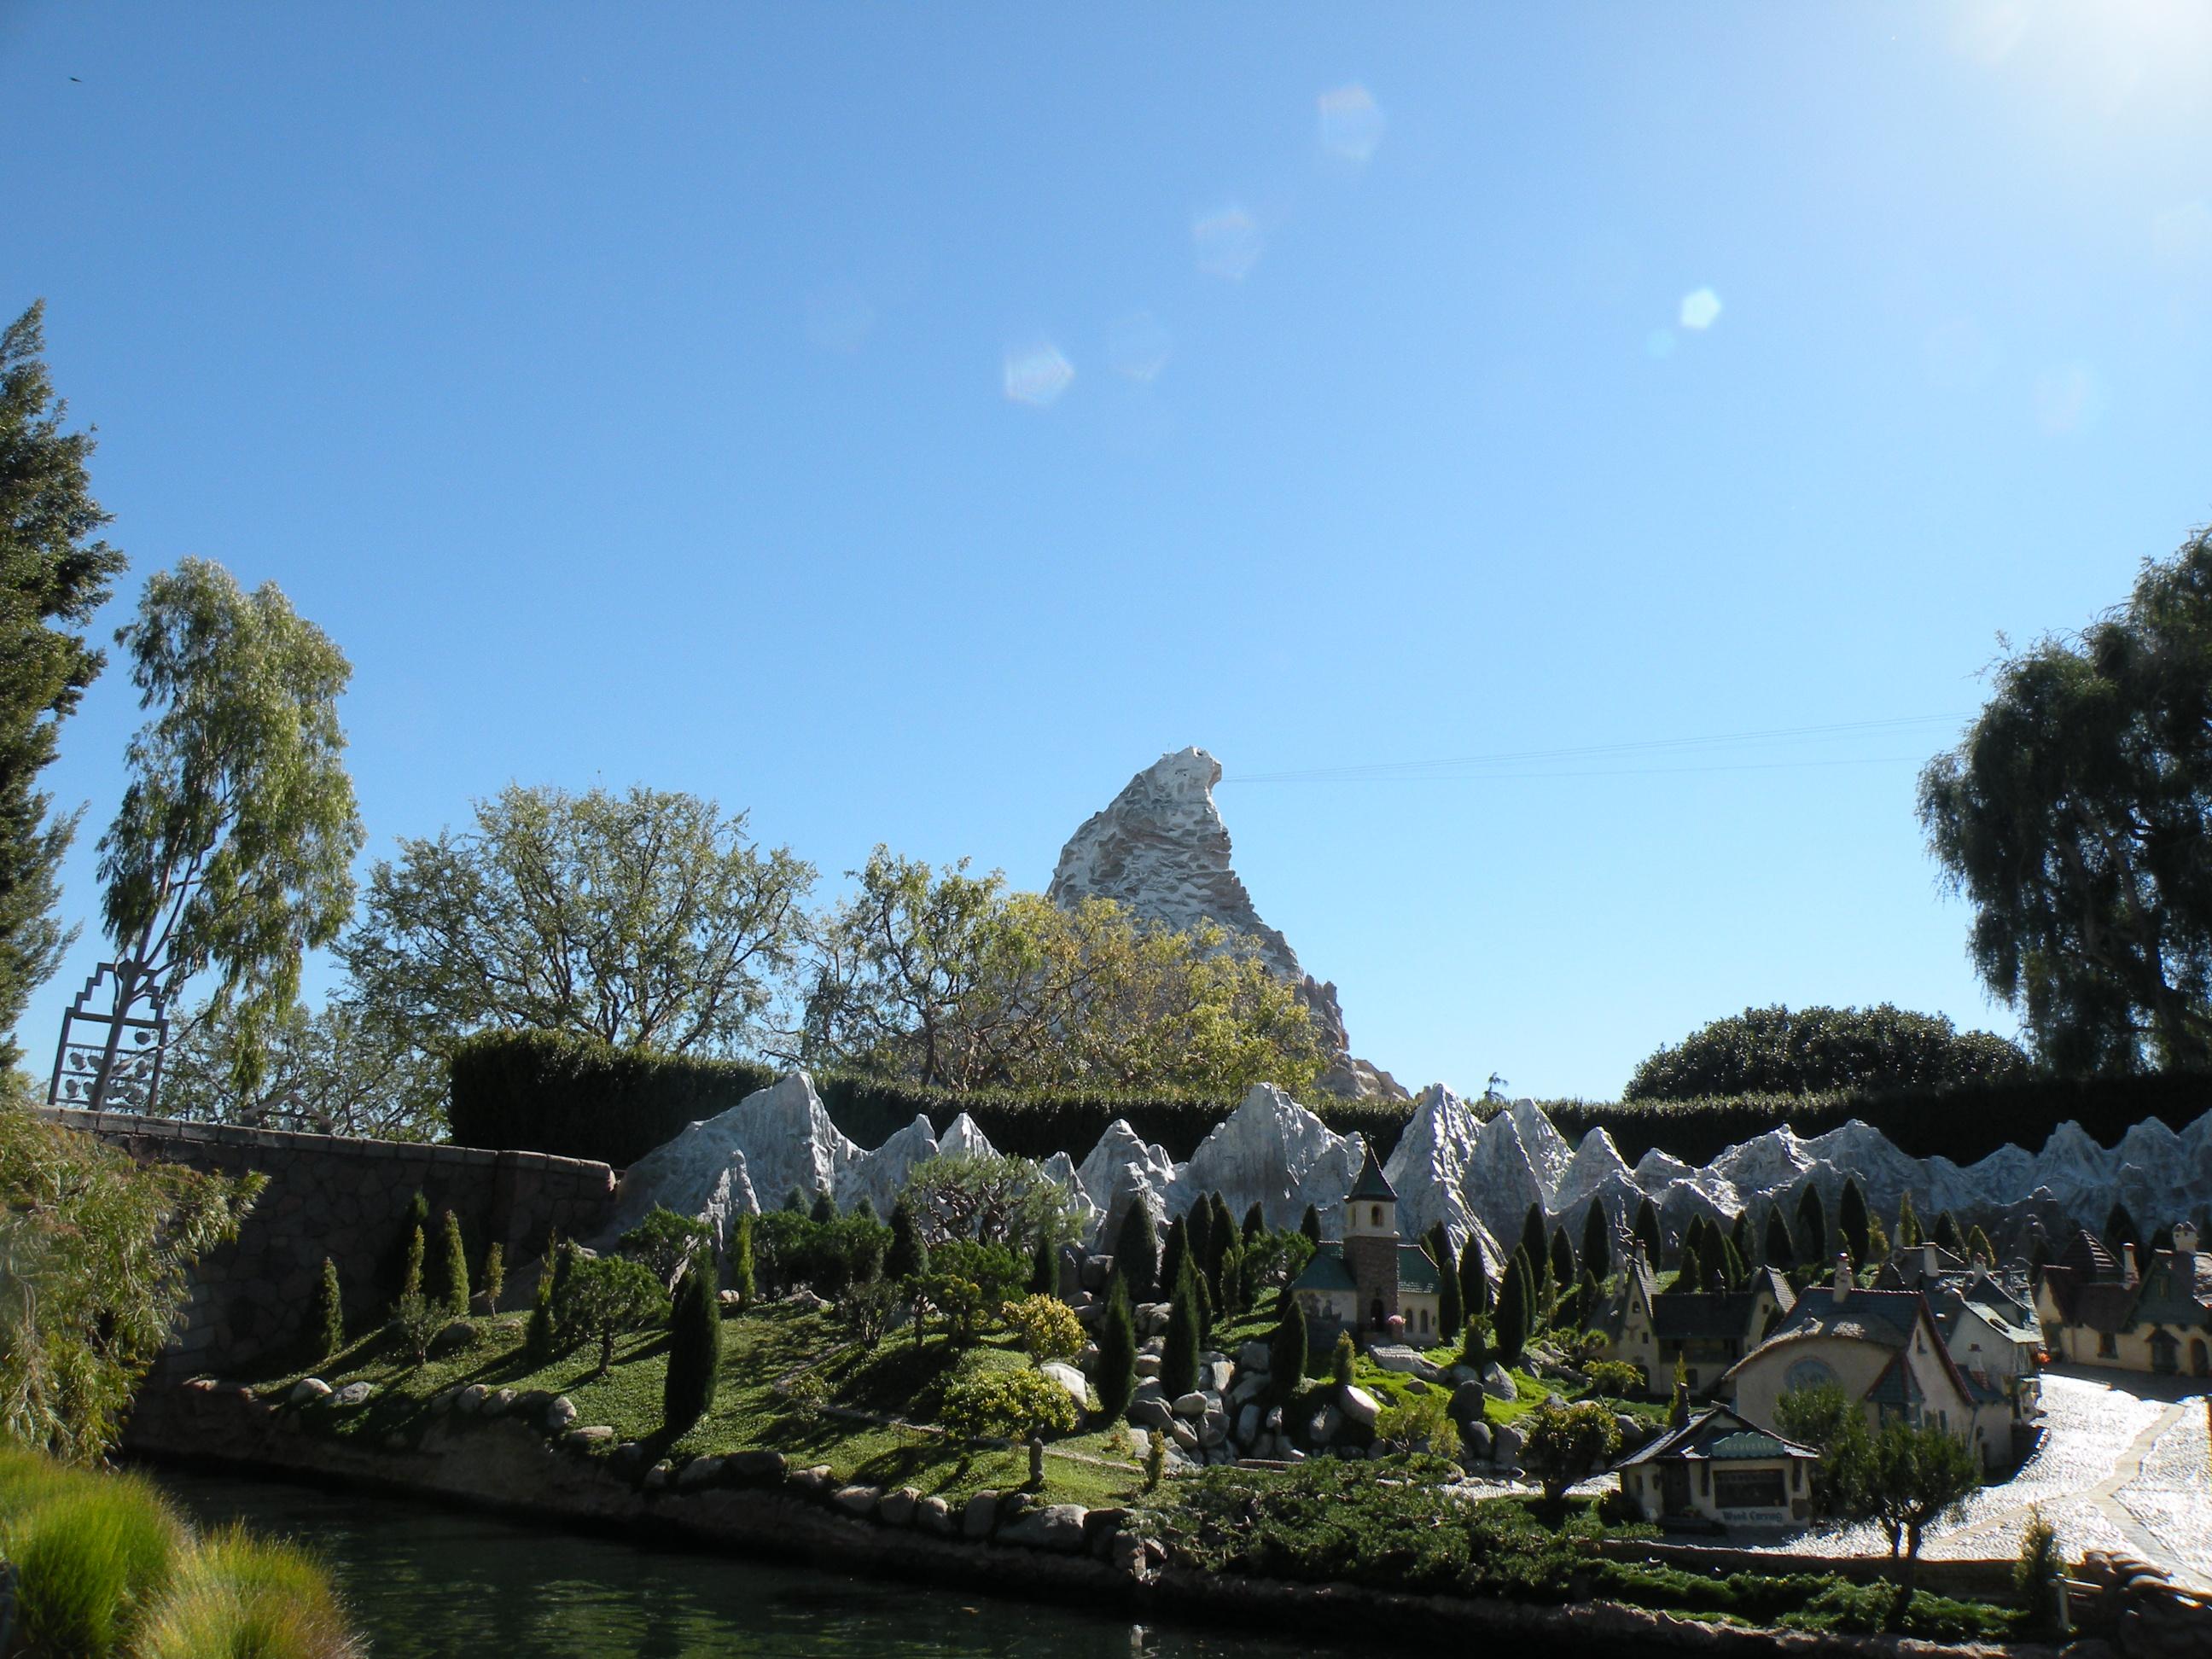 Geppetto's Village